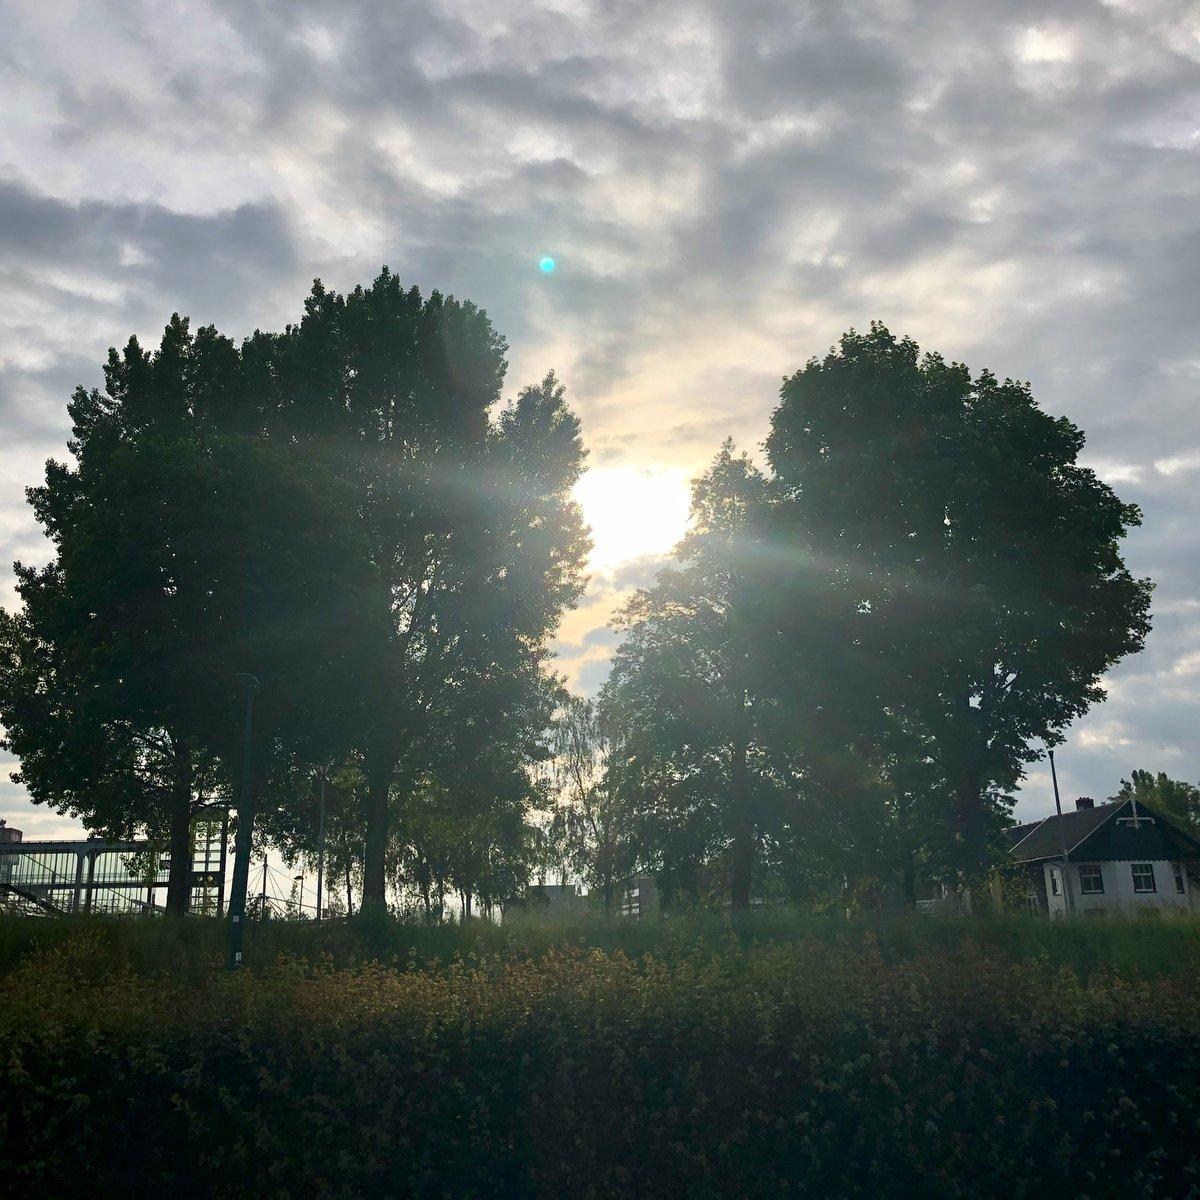 Niet te warm op 12 juni 2021 #goedemorgen #buitenmens #hollandsekade #nswandeling #breukelen #kockengen #harmelen #woerden #platteland #groenehart #santosha #adem https://t.co/kdYrgp6J8z